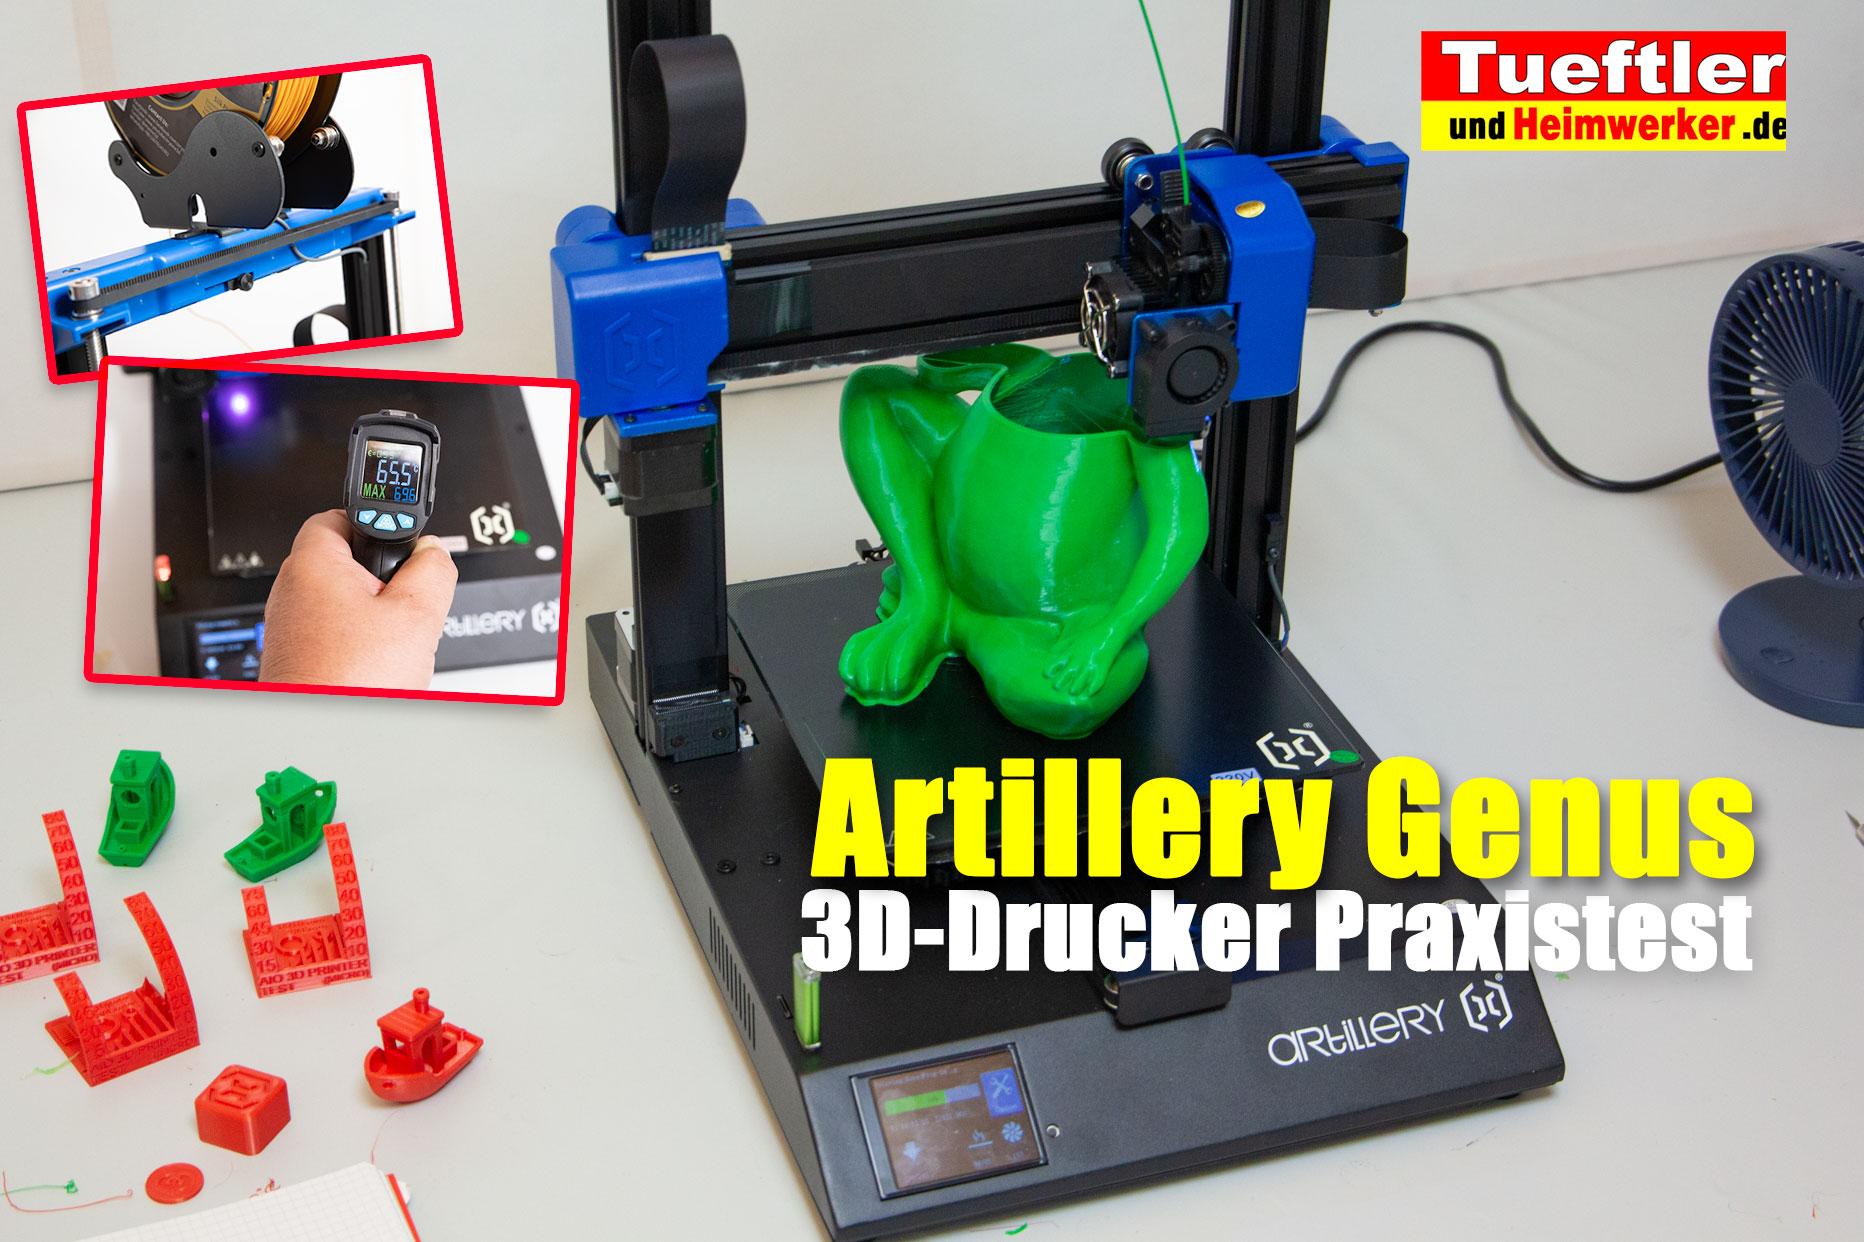 Artillery-Genius-Test-3D-Drucker-Praxistest.jpg